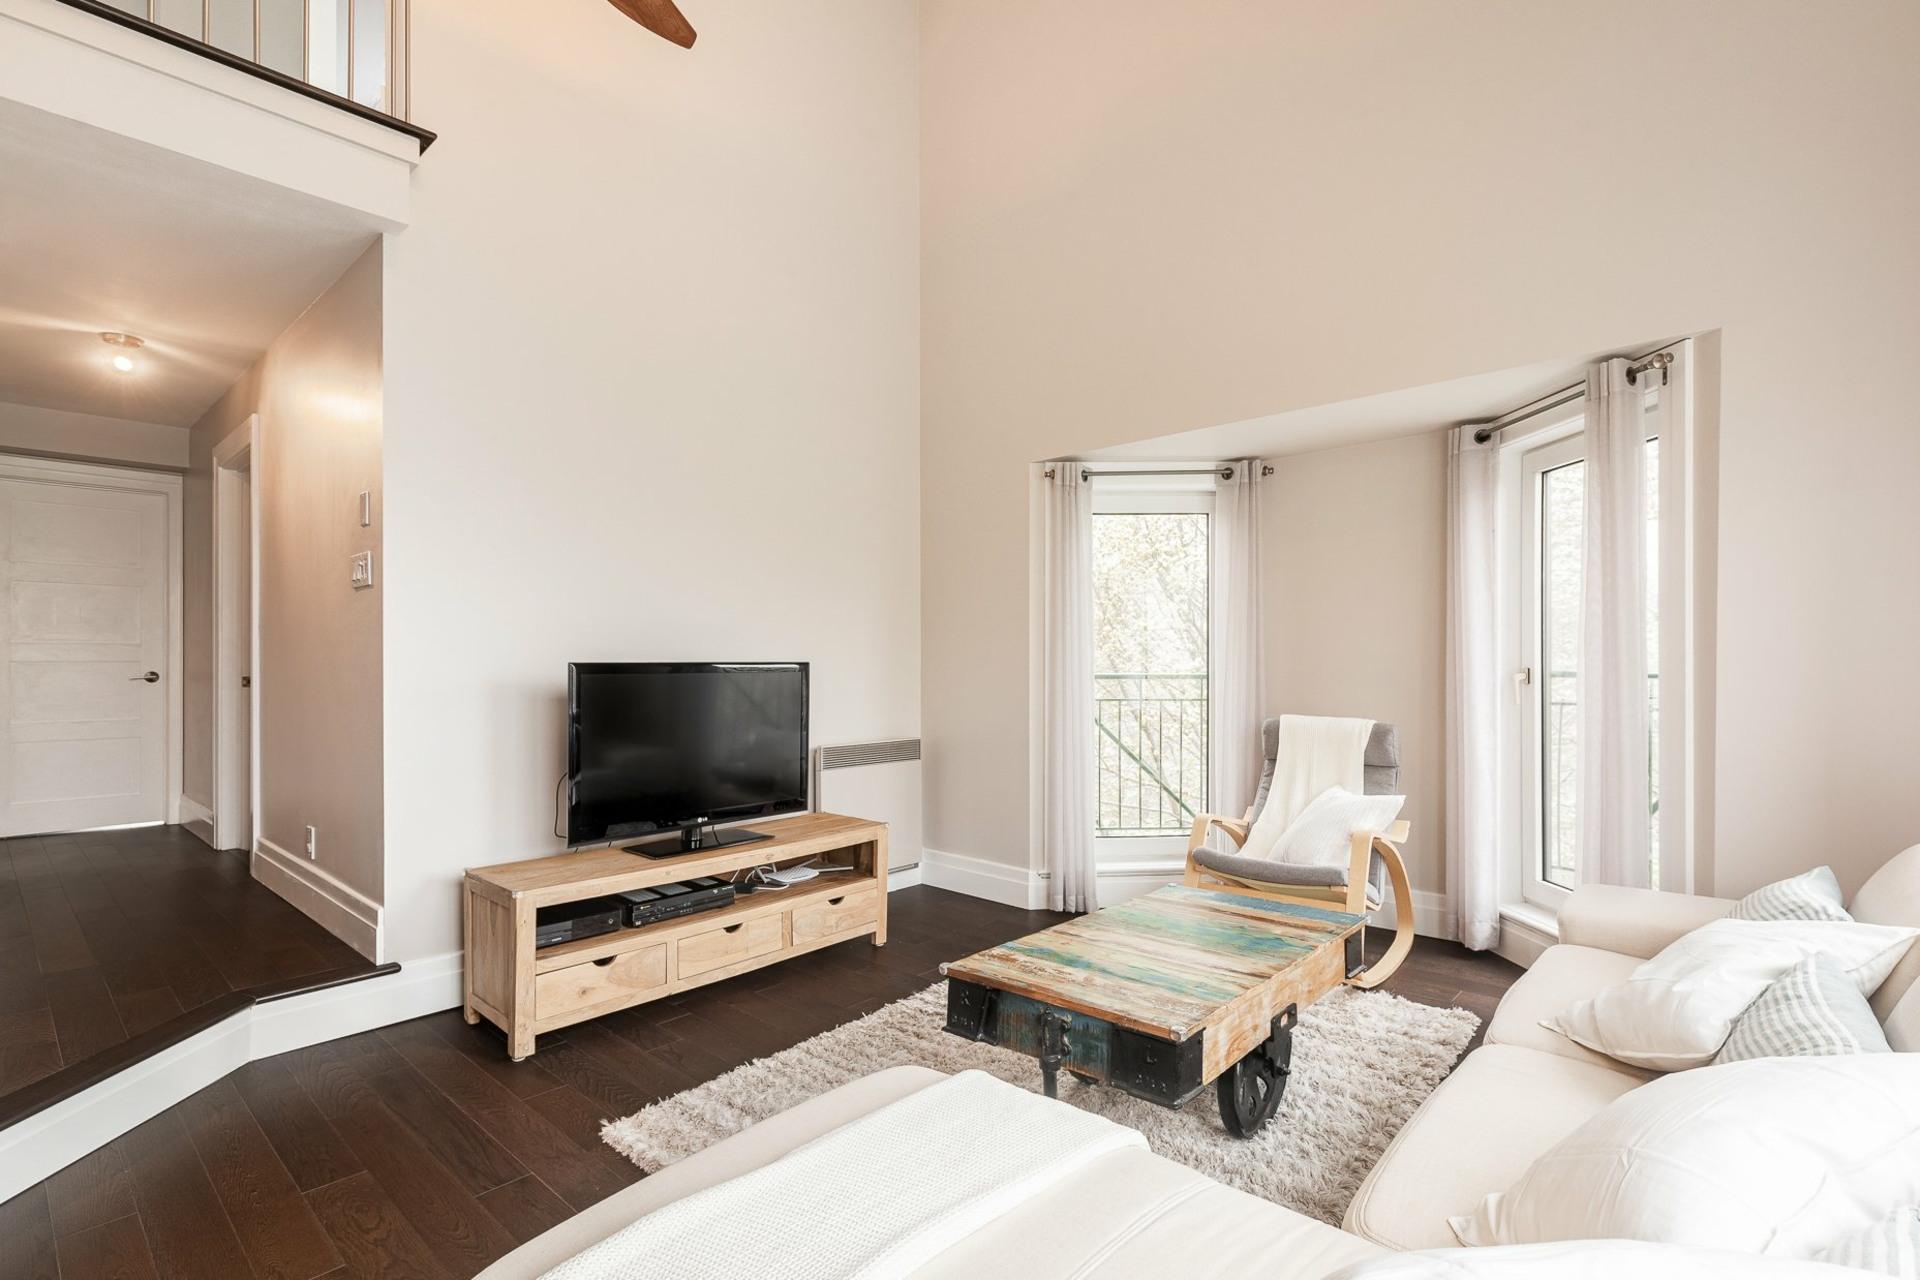 image 5 - Apartment For sale Verdun/Île-des-Soeurs Montréal  - 5 rooms